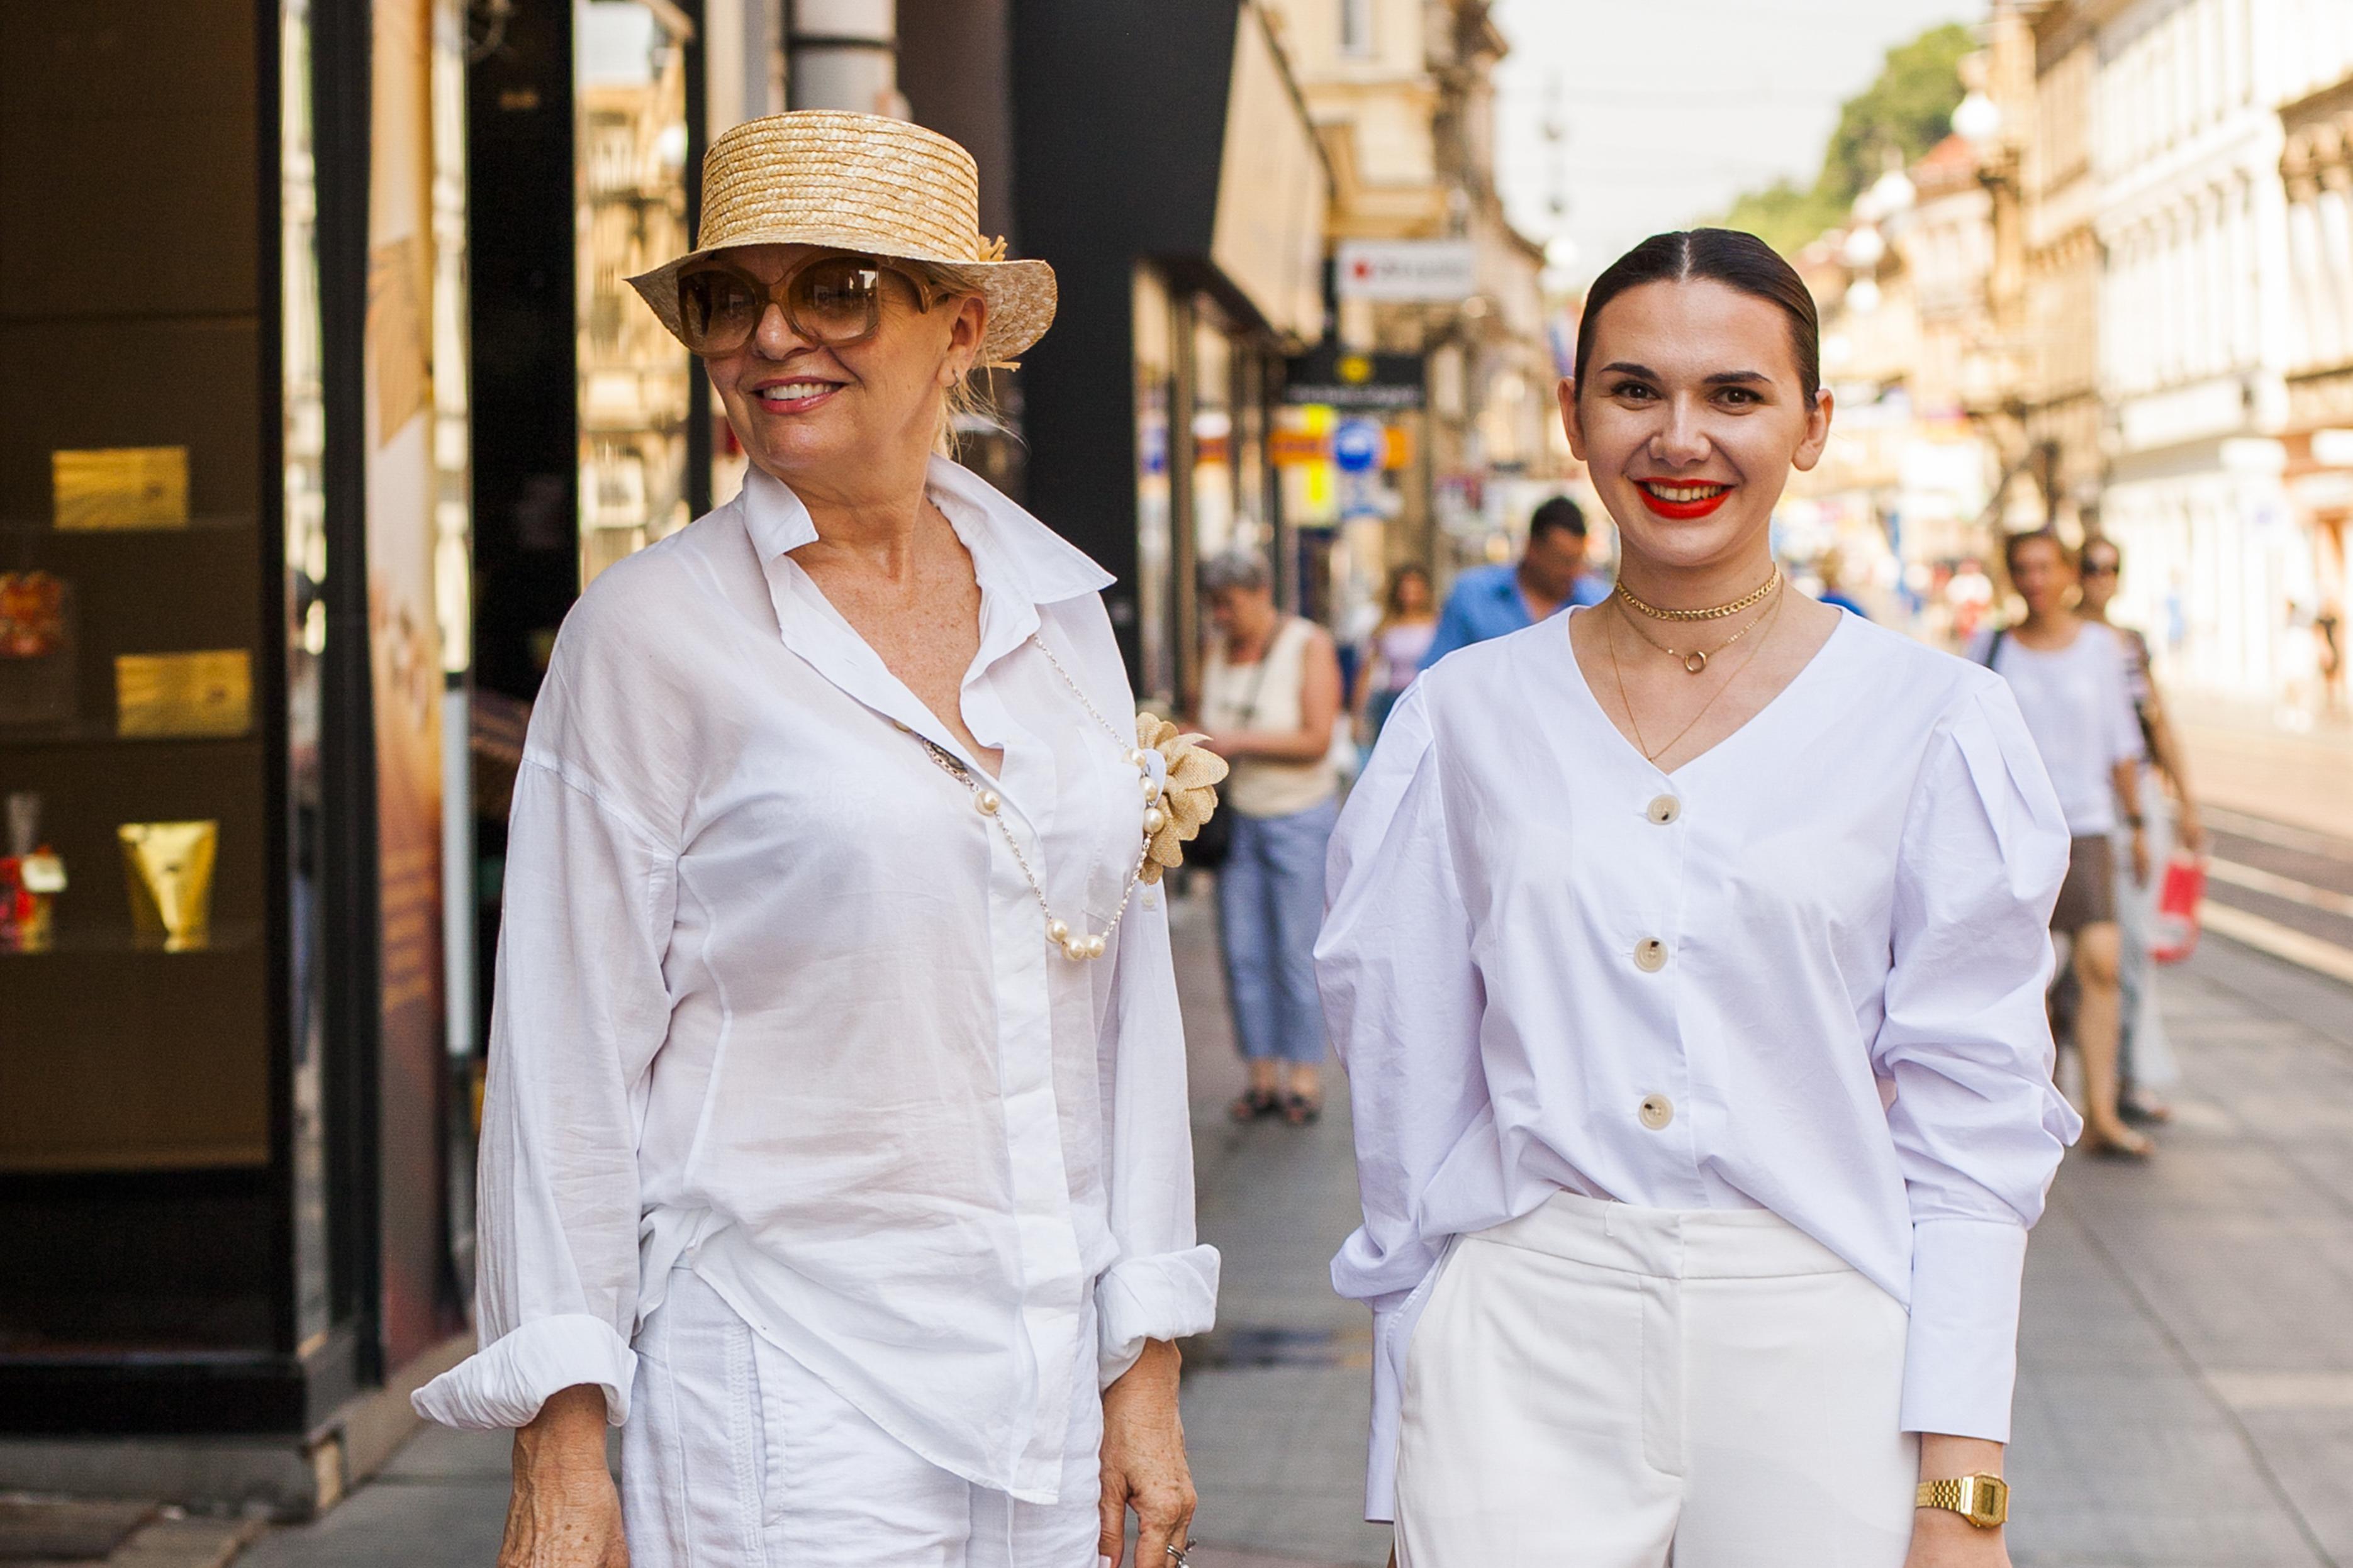 Ove dvije dame gradom su prošle u gotovo istom odličnom stylingu